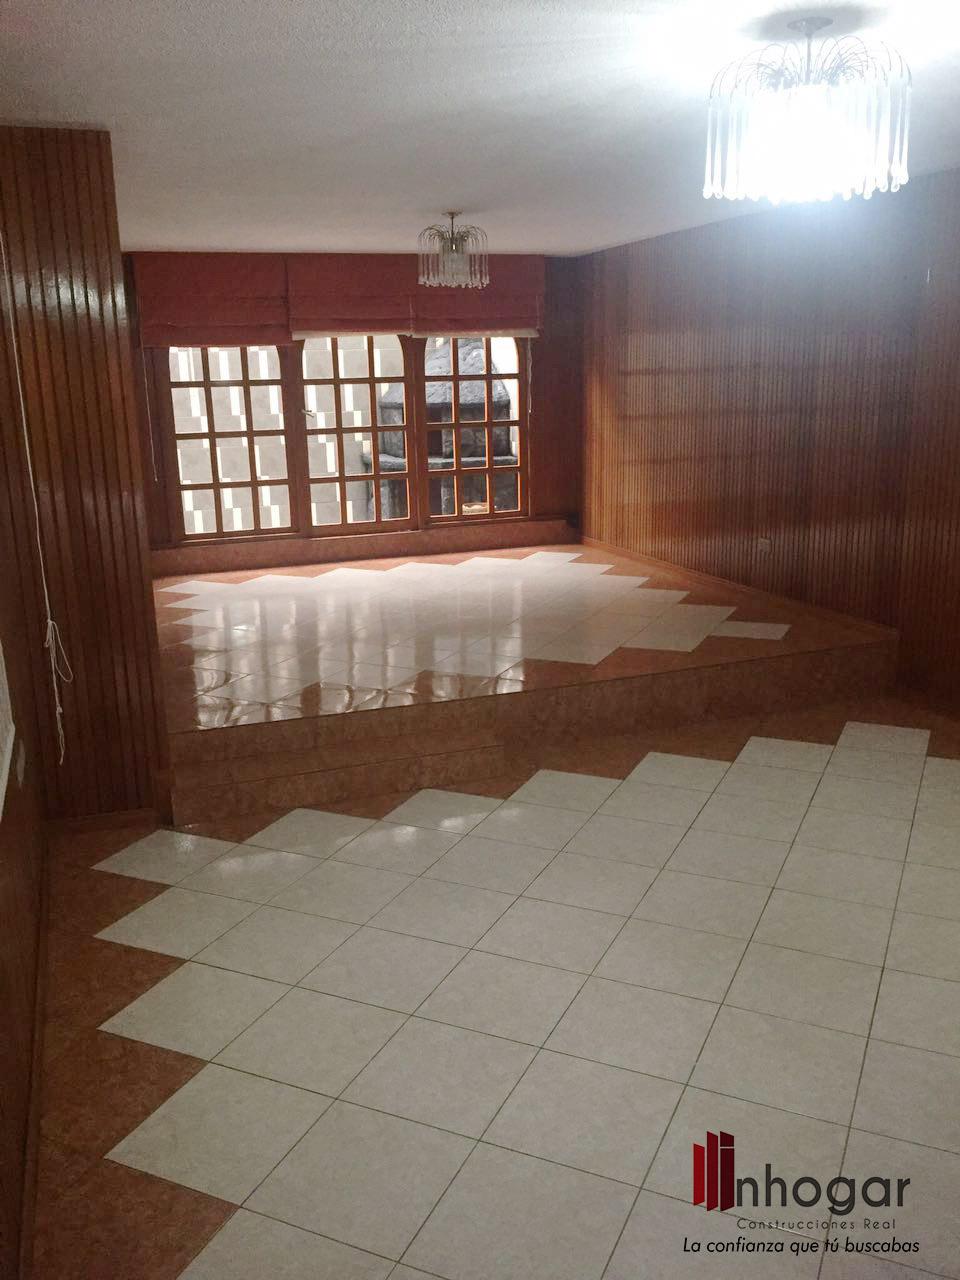 Alquiler de Casa en Arequipa con 7 baños - vista principal